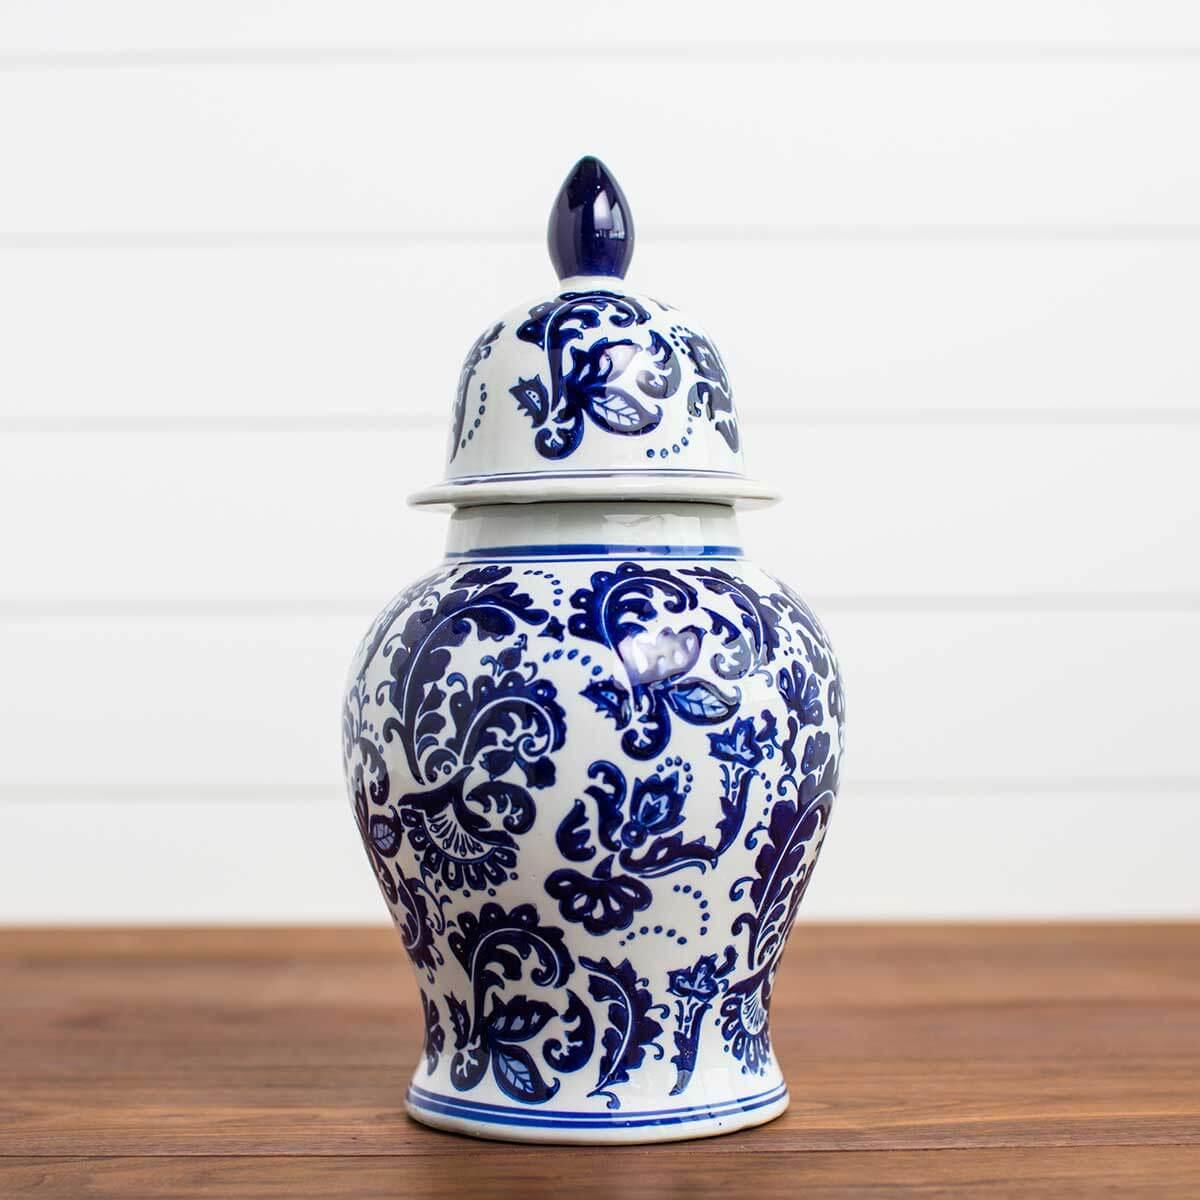 Porcelain Ginger Jar with Dome Lid